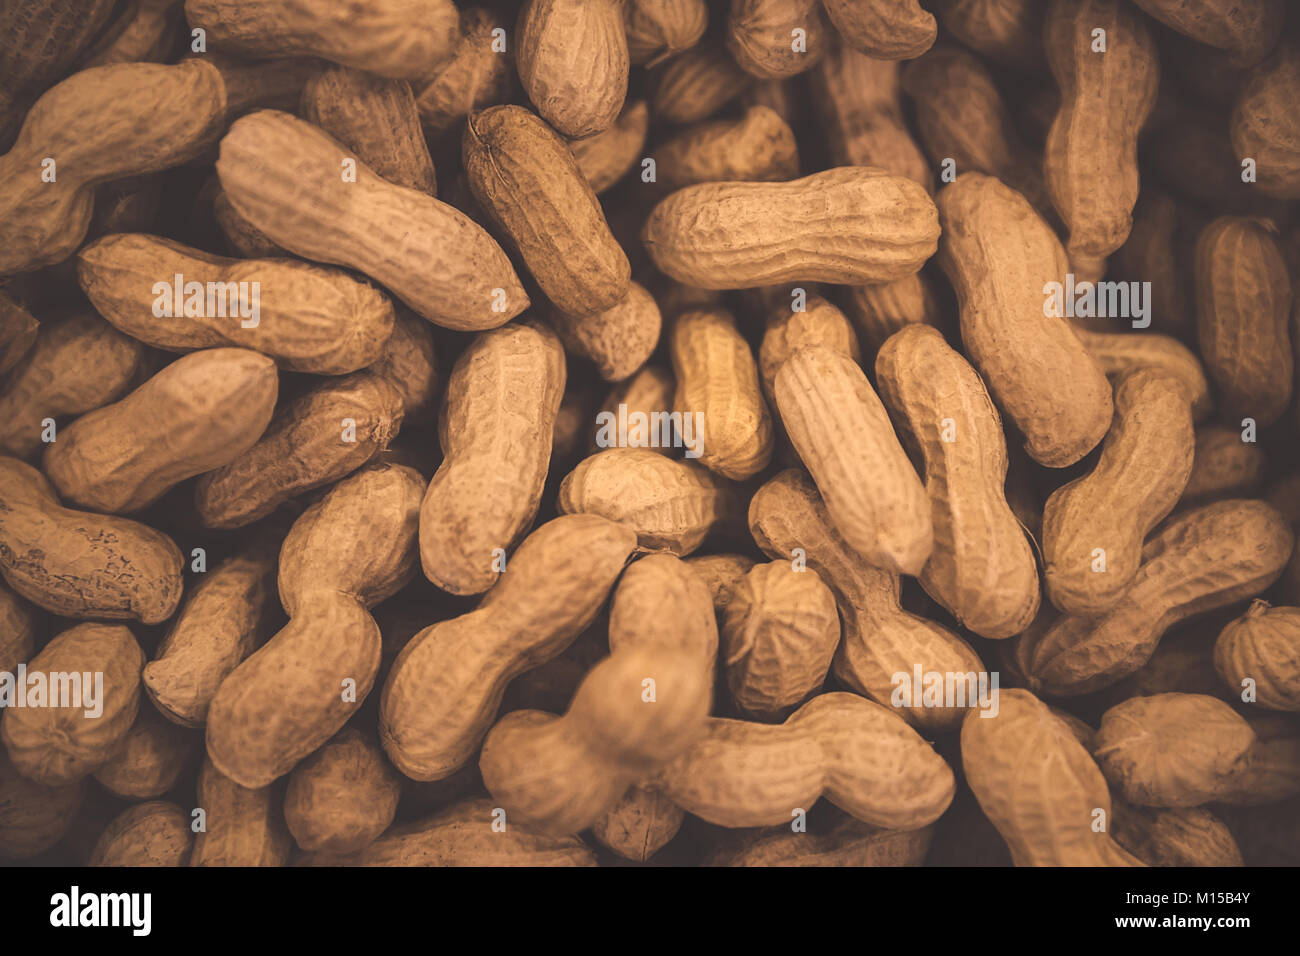 Sfondo di arachidi, gustosa ad alto contenuto calorico dadi, monkey dadi in breve, abstract arachidi wallpaper Immagini Stock